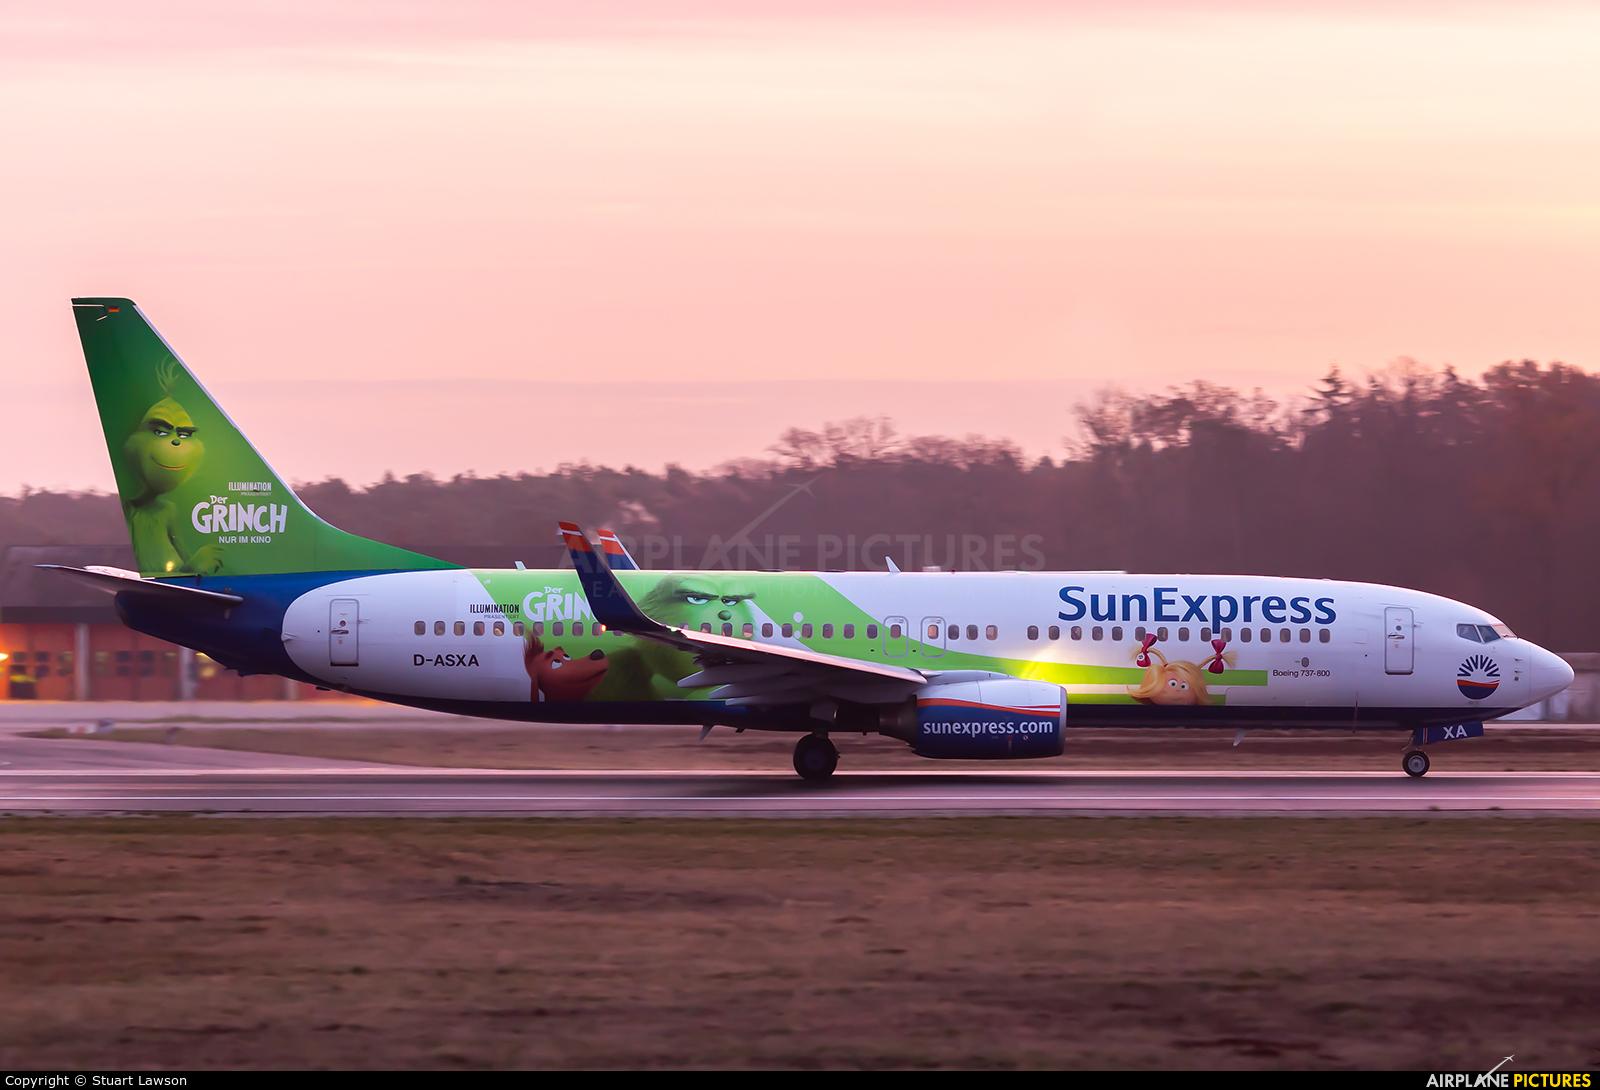 SunExpress Germany D-ASXA aircraft at Frankfurt